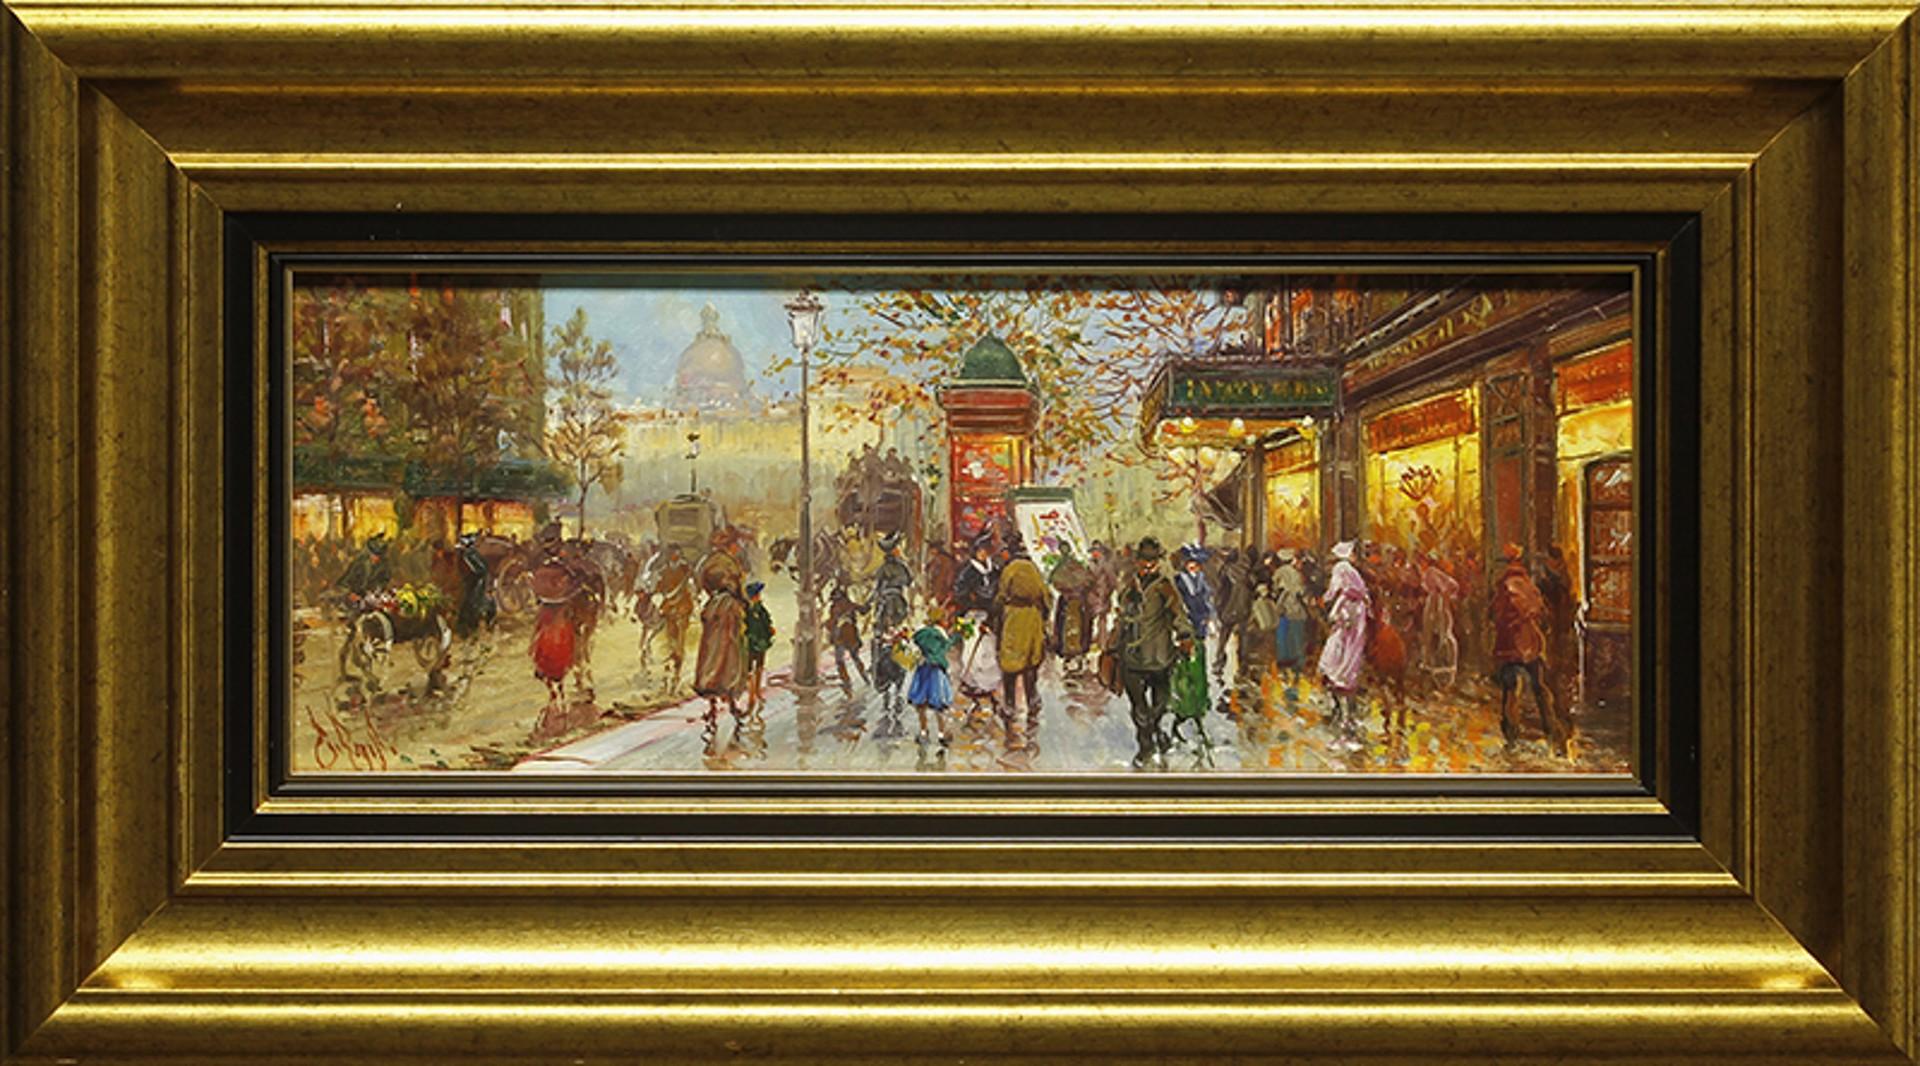 Marche' du Dimanche (Sunday Market) by Emilio Payes